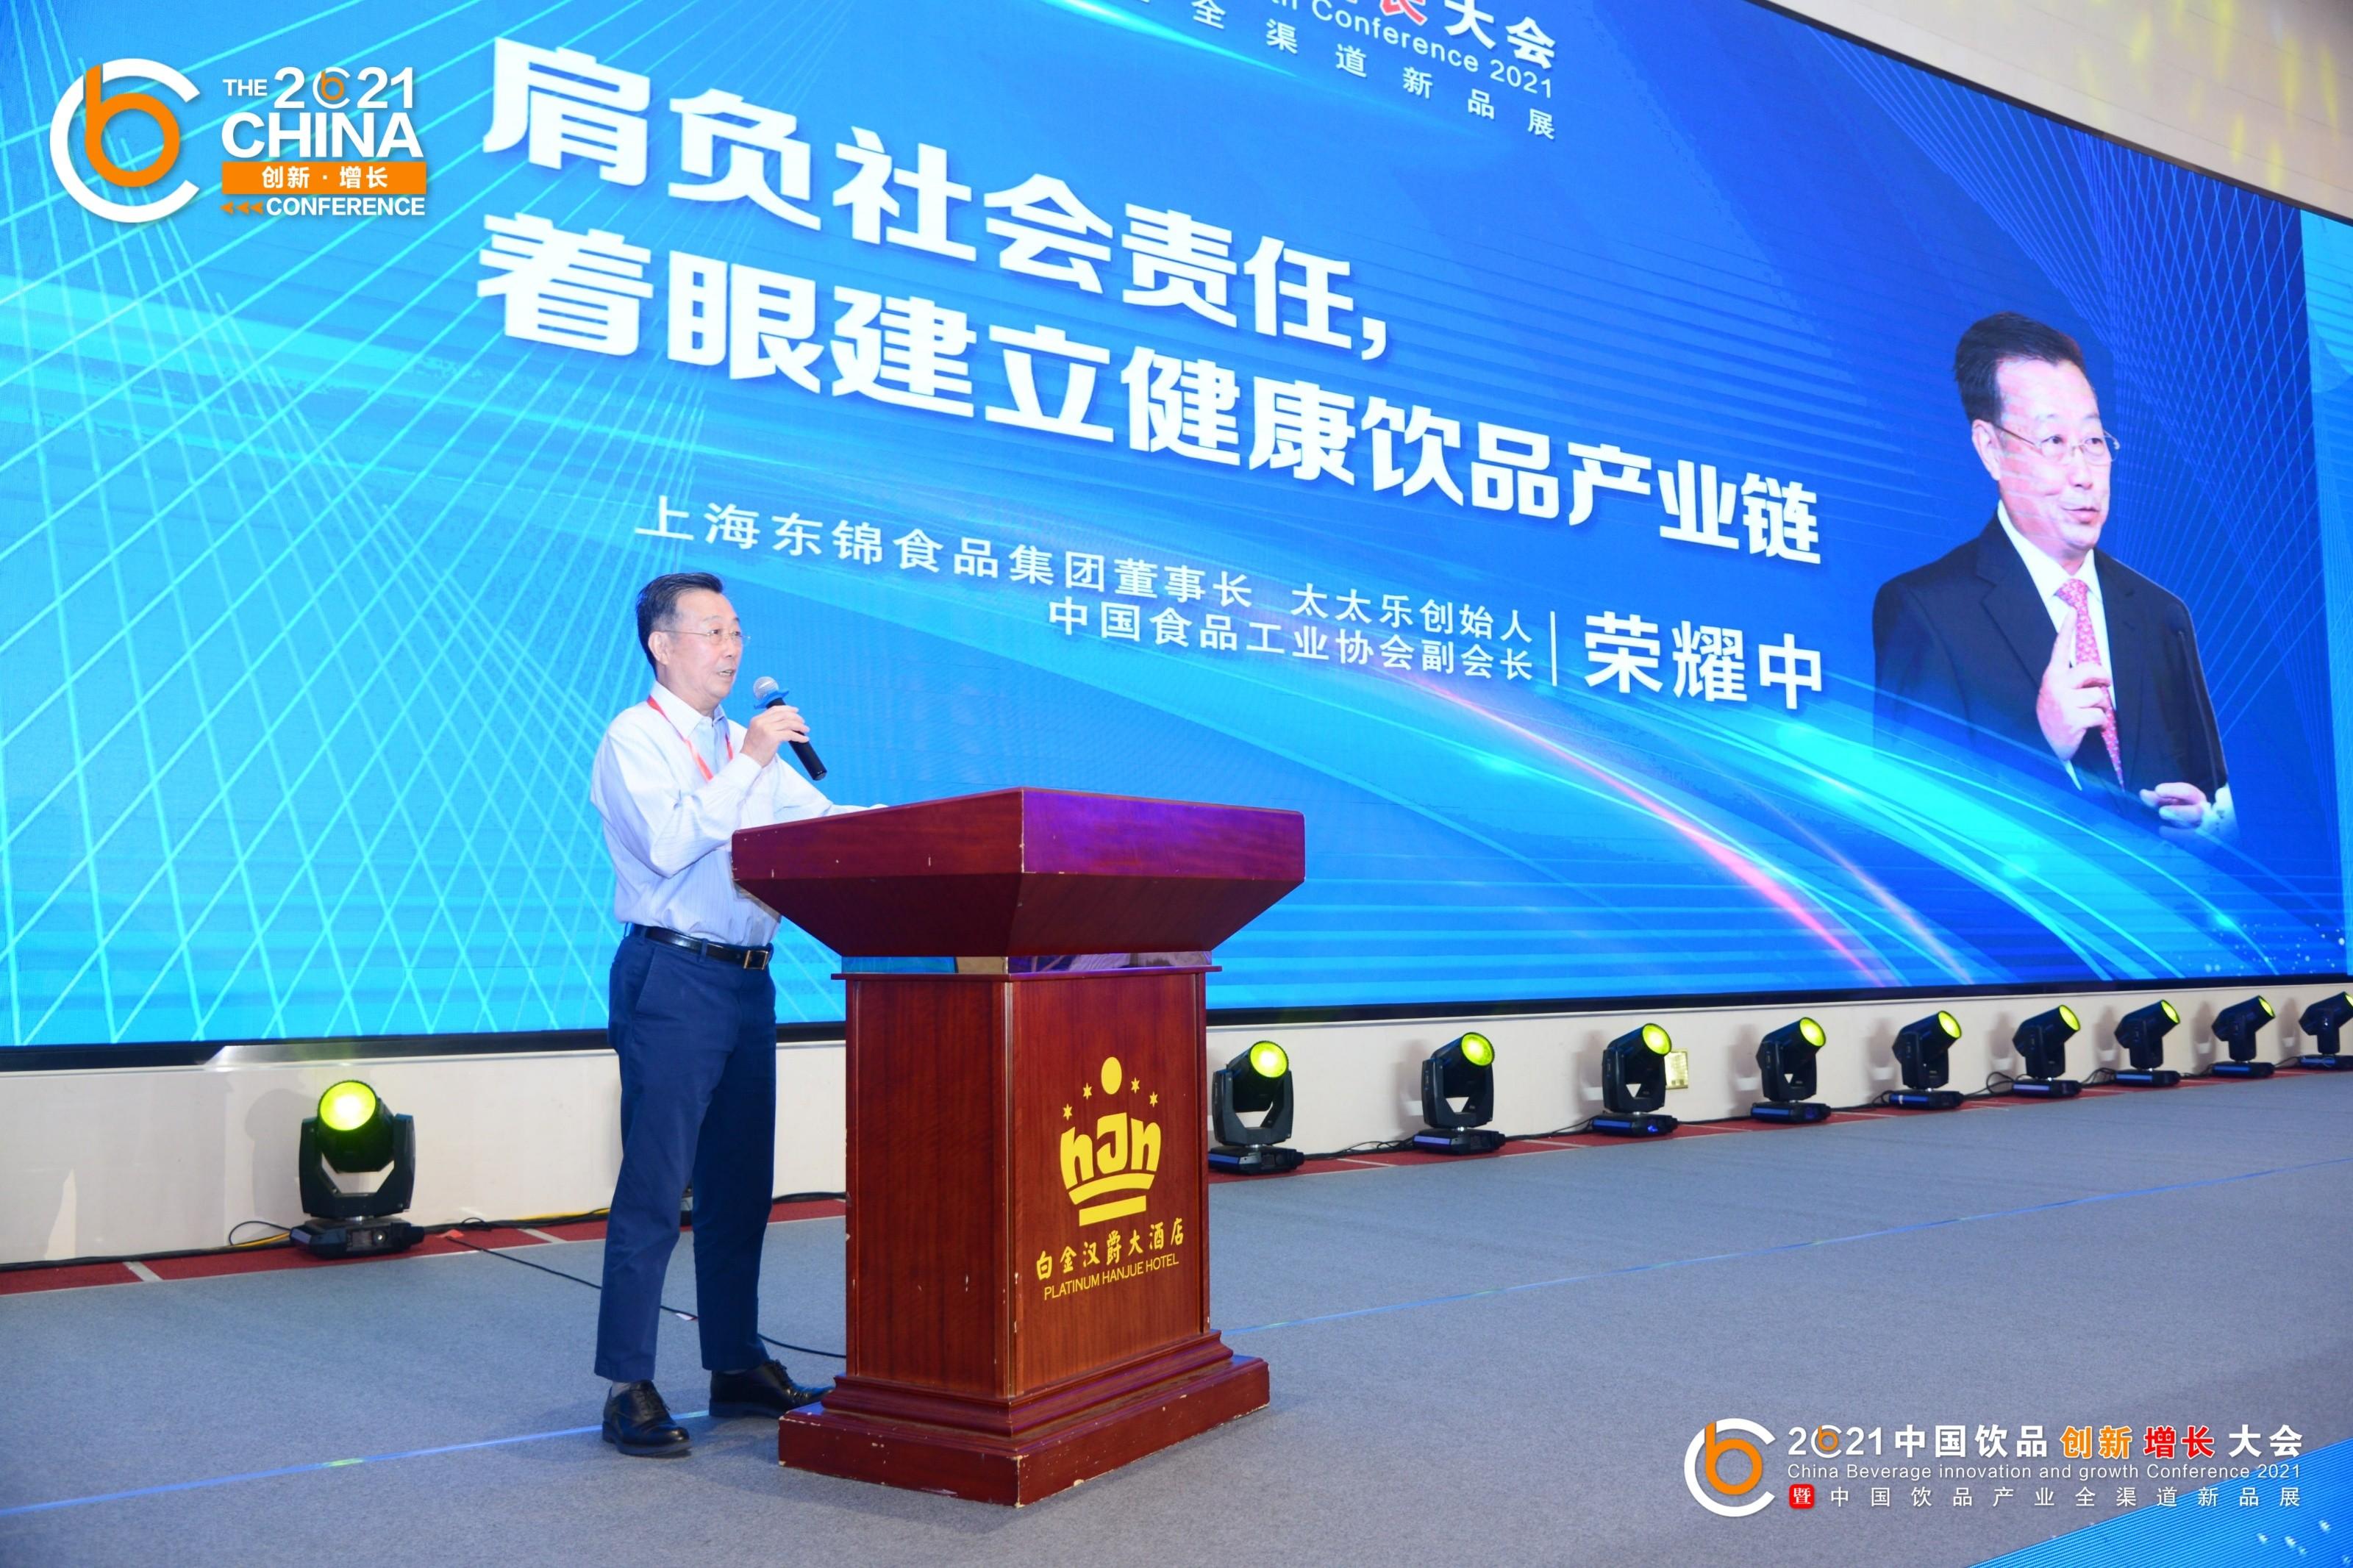 东锦集团亮相中国饮品大会:共襄盛举,共谋发展